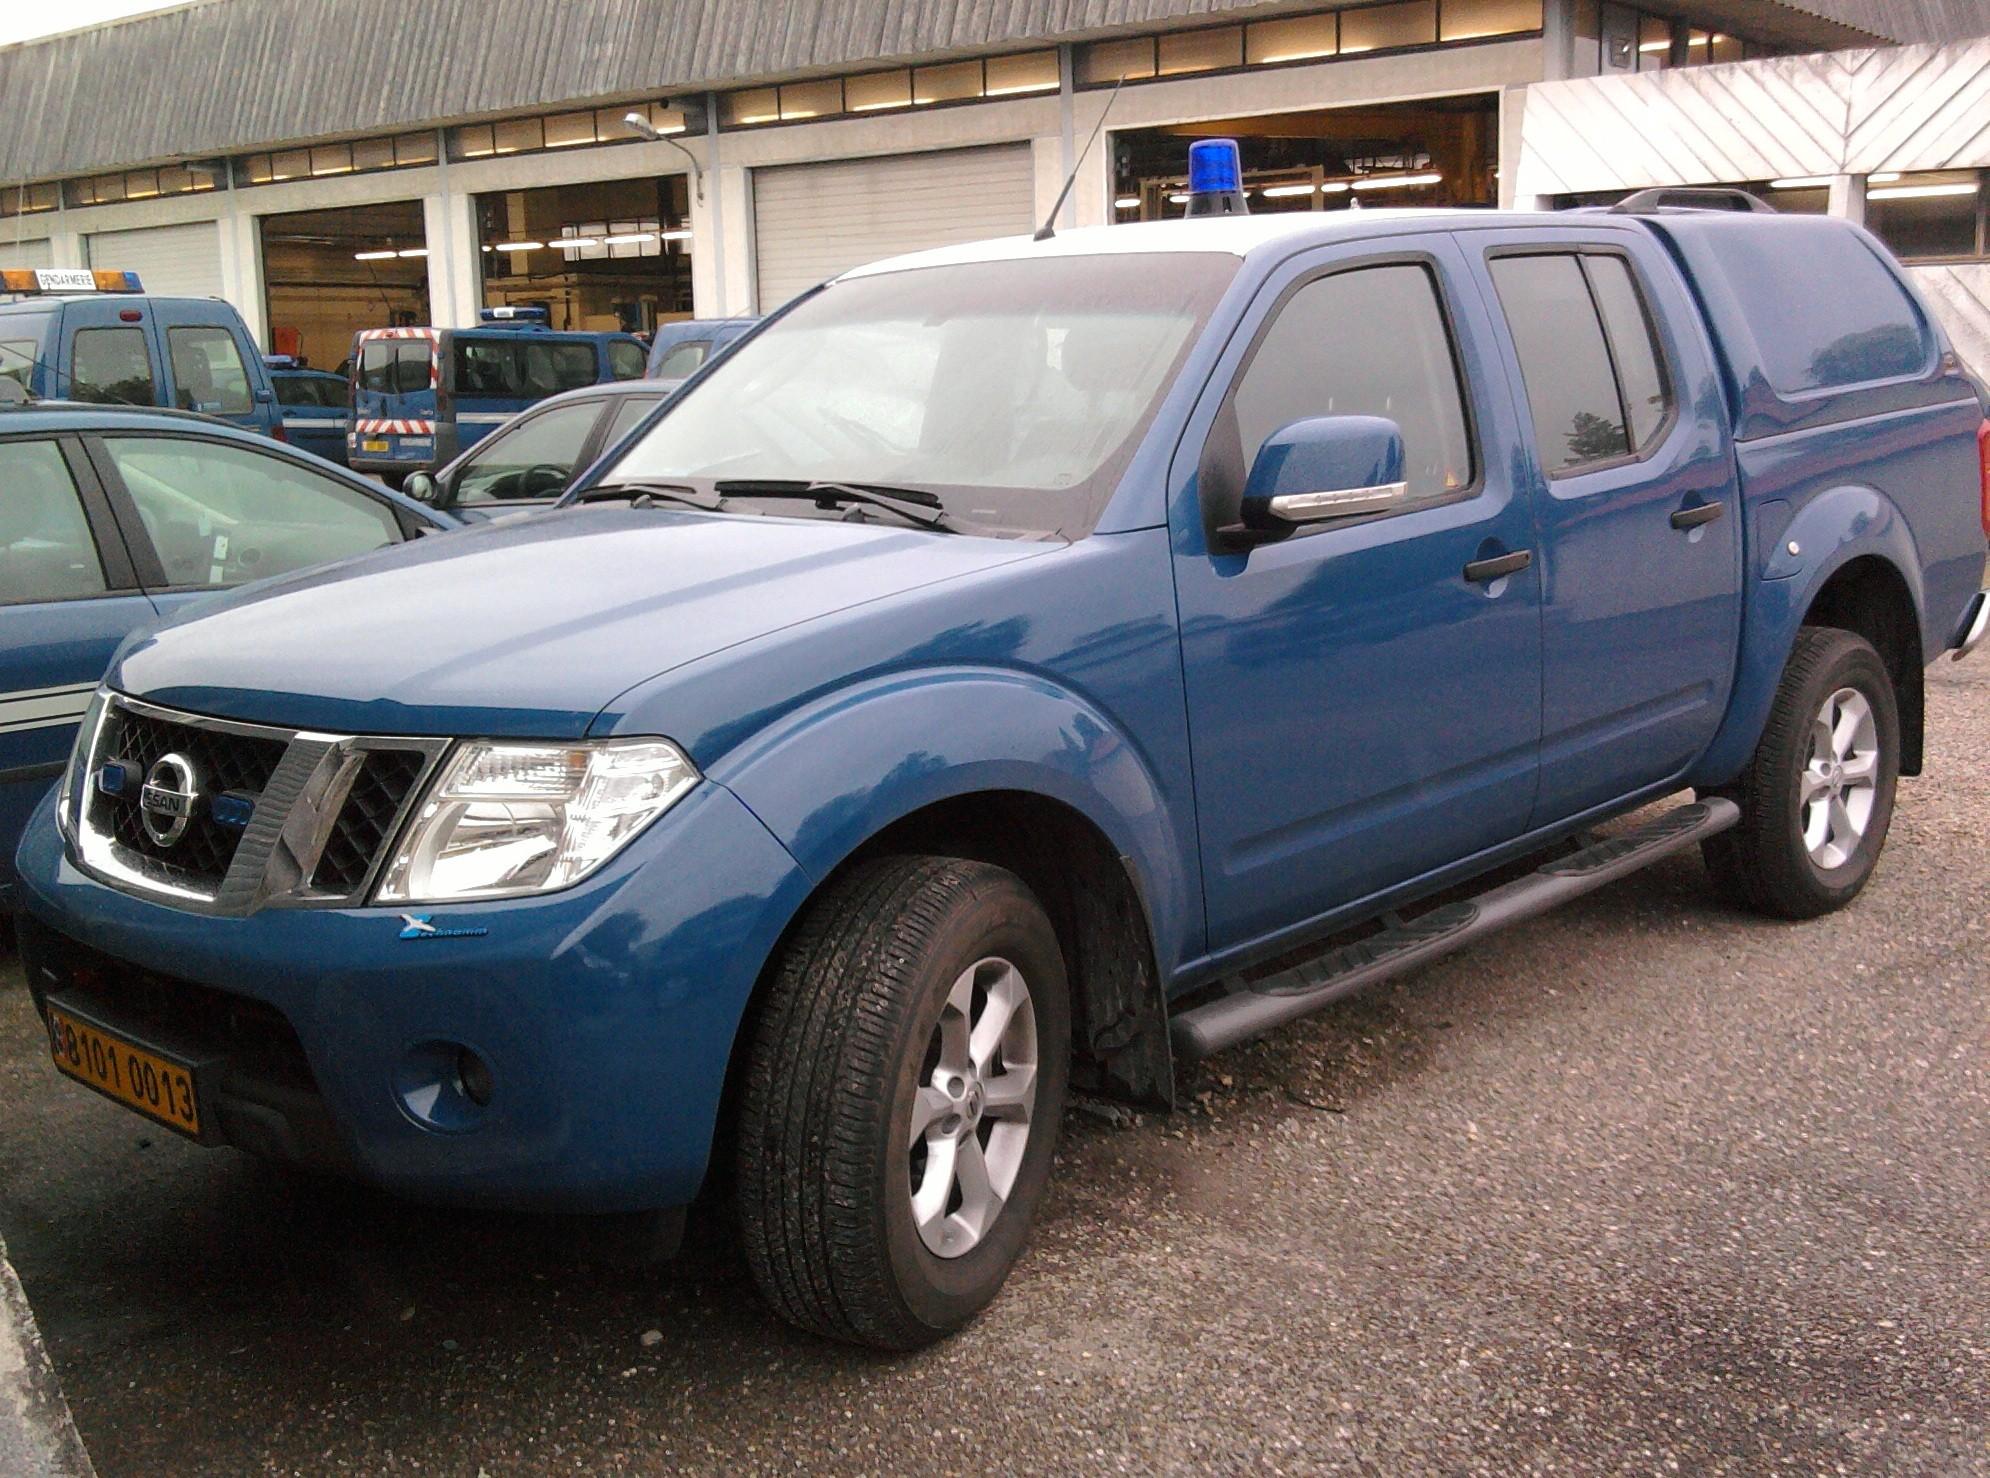 vehicule 4x4 gendarmerie